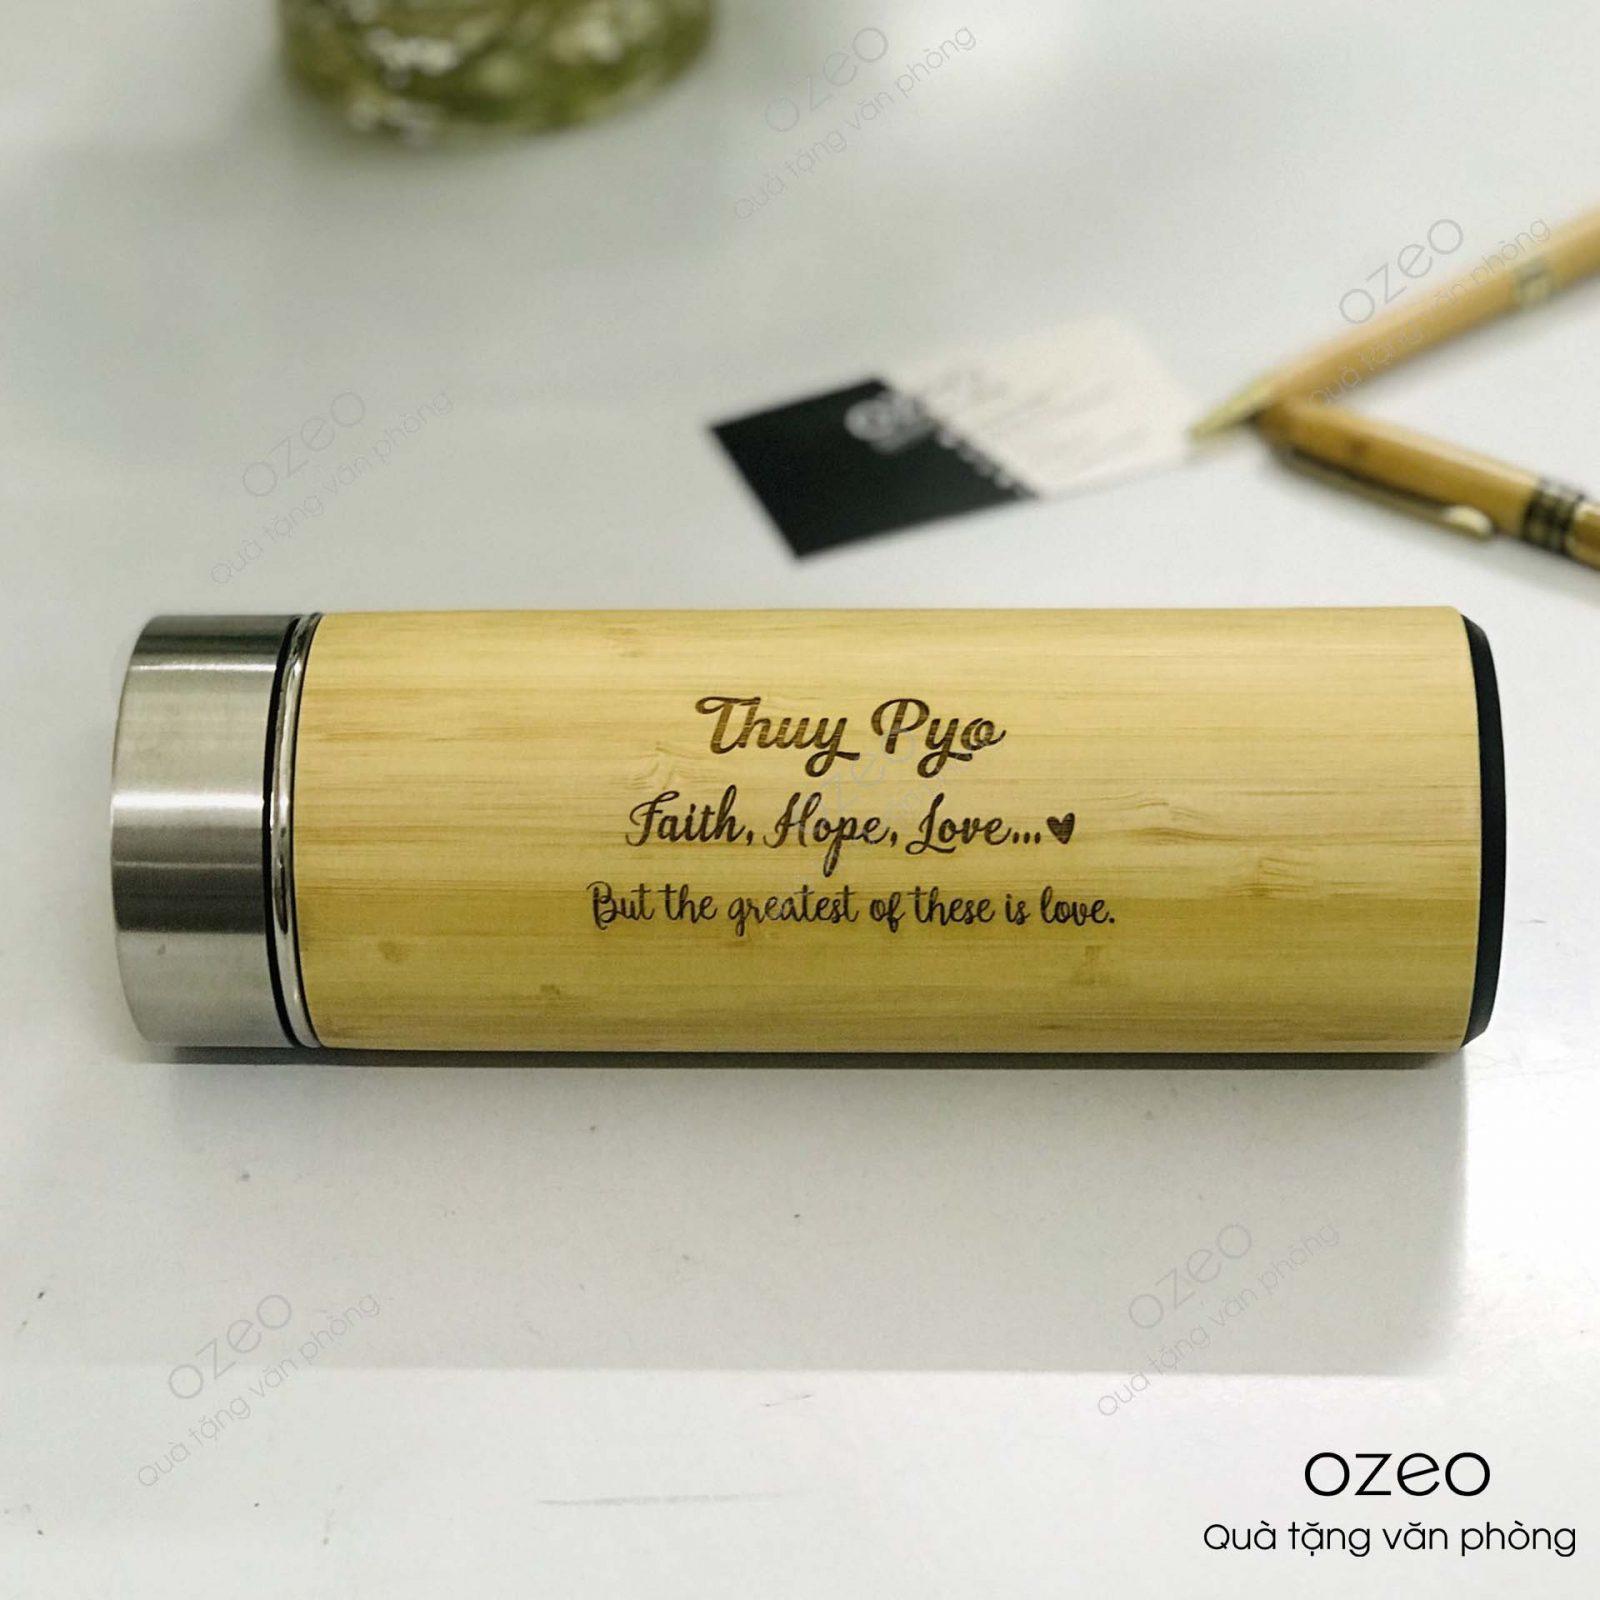 Bình giữ nhiệt vỏ tre khắc tên, khắc chữ làm quà tặng tốt nghiệp cho người yêu